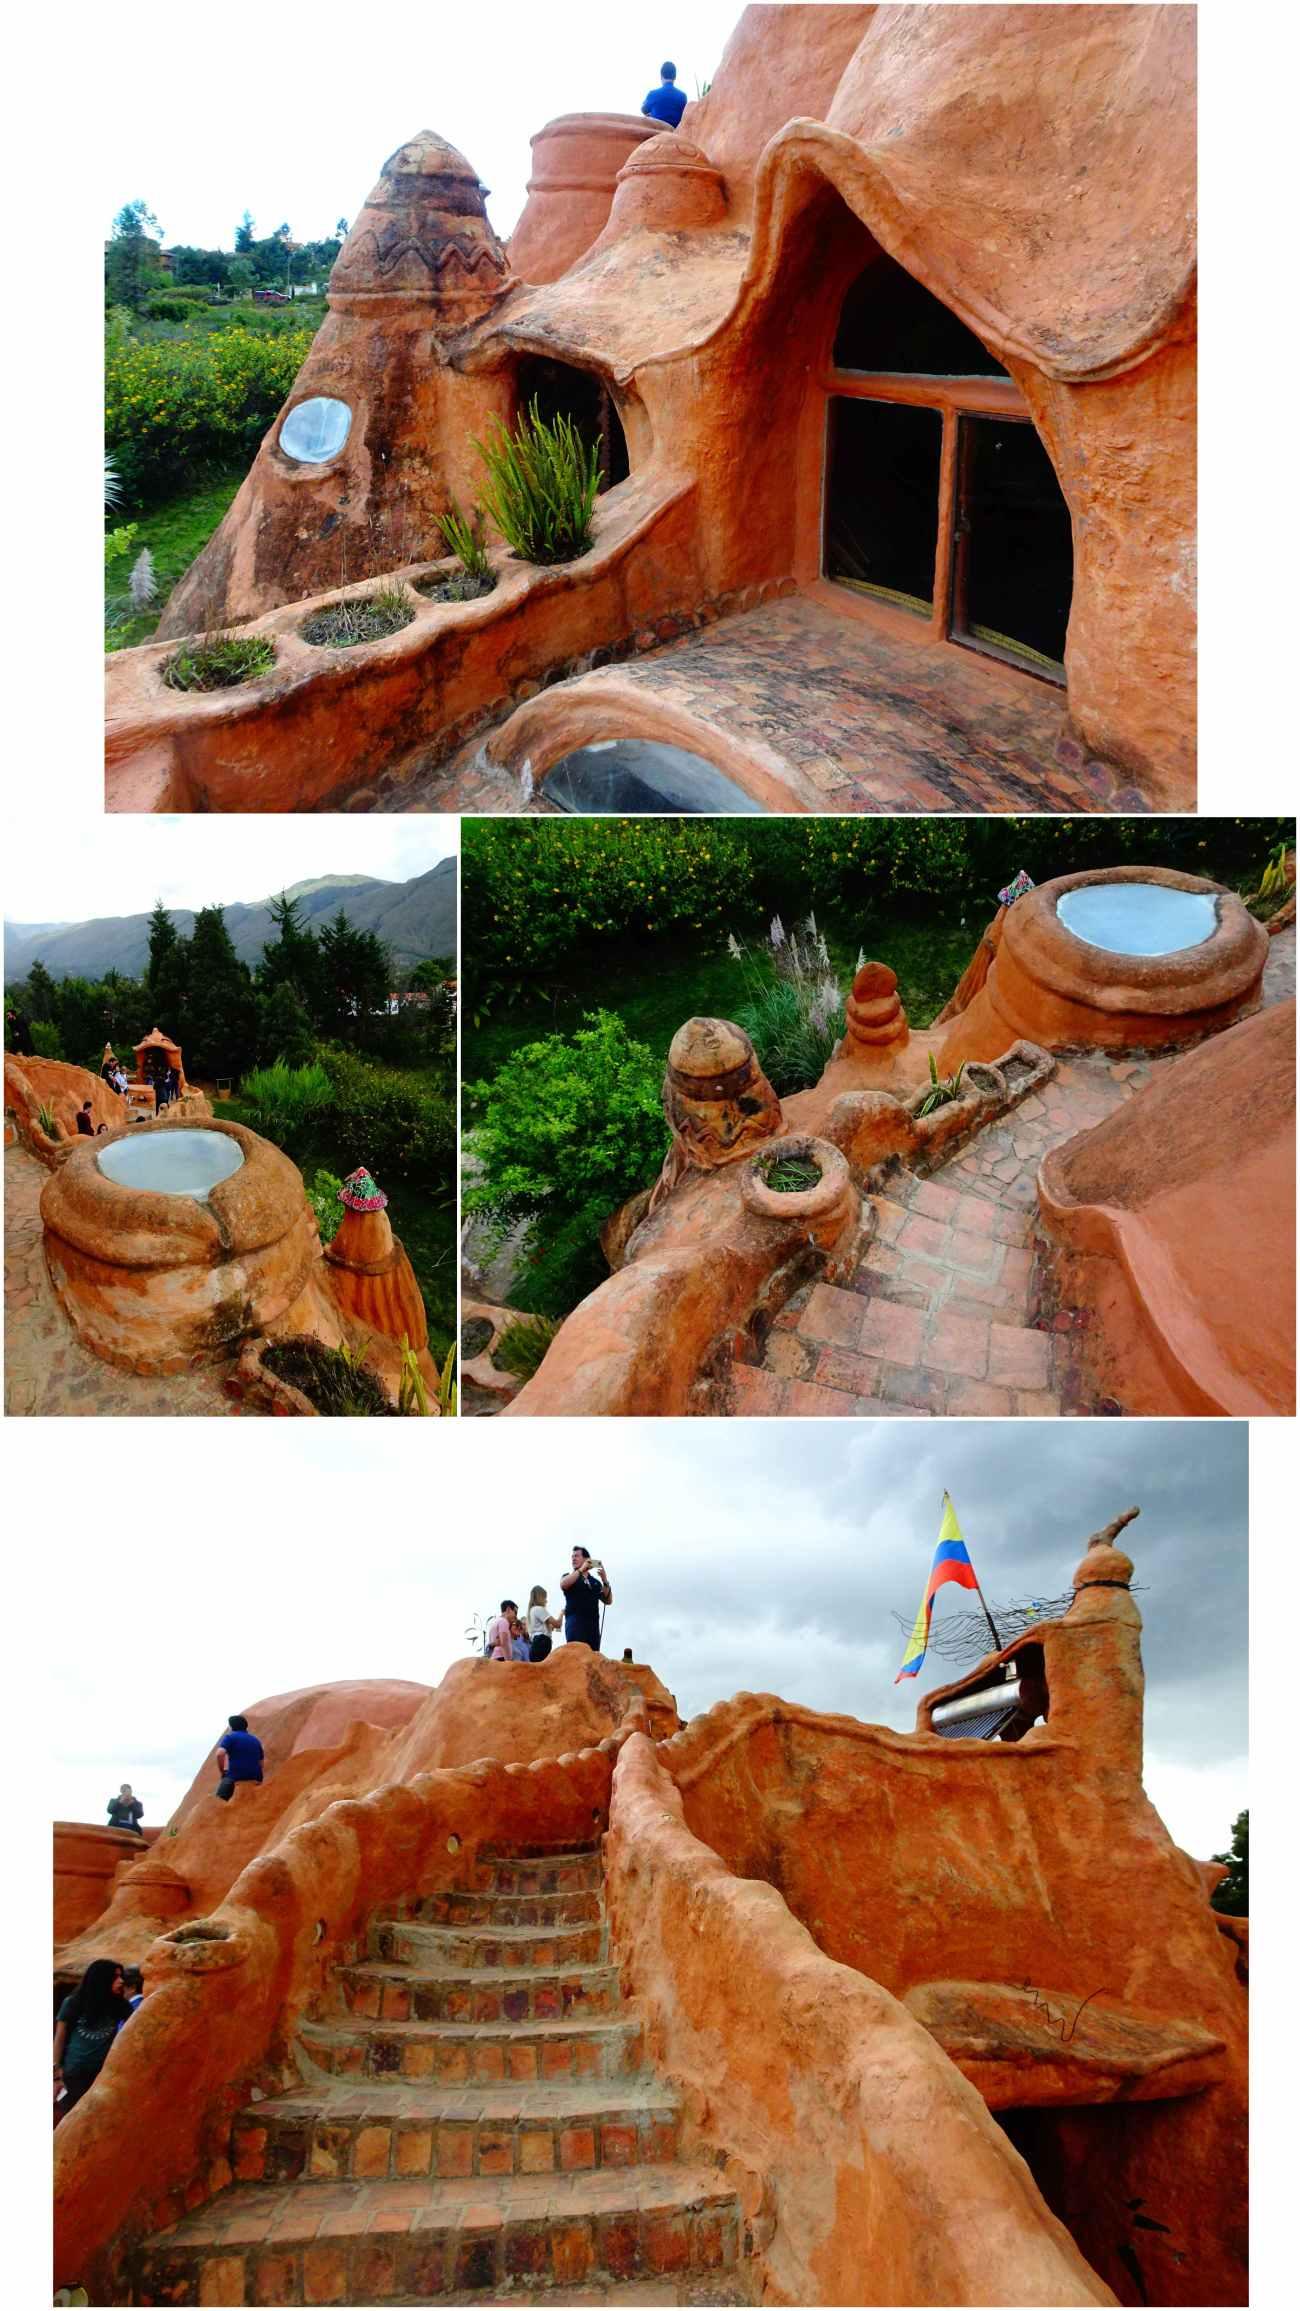 Casa terracotta toit1